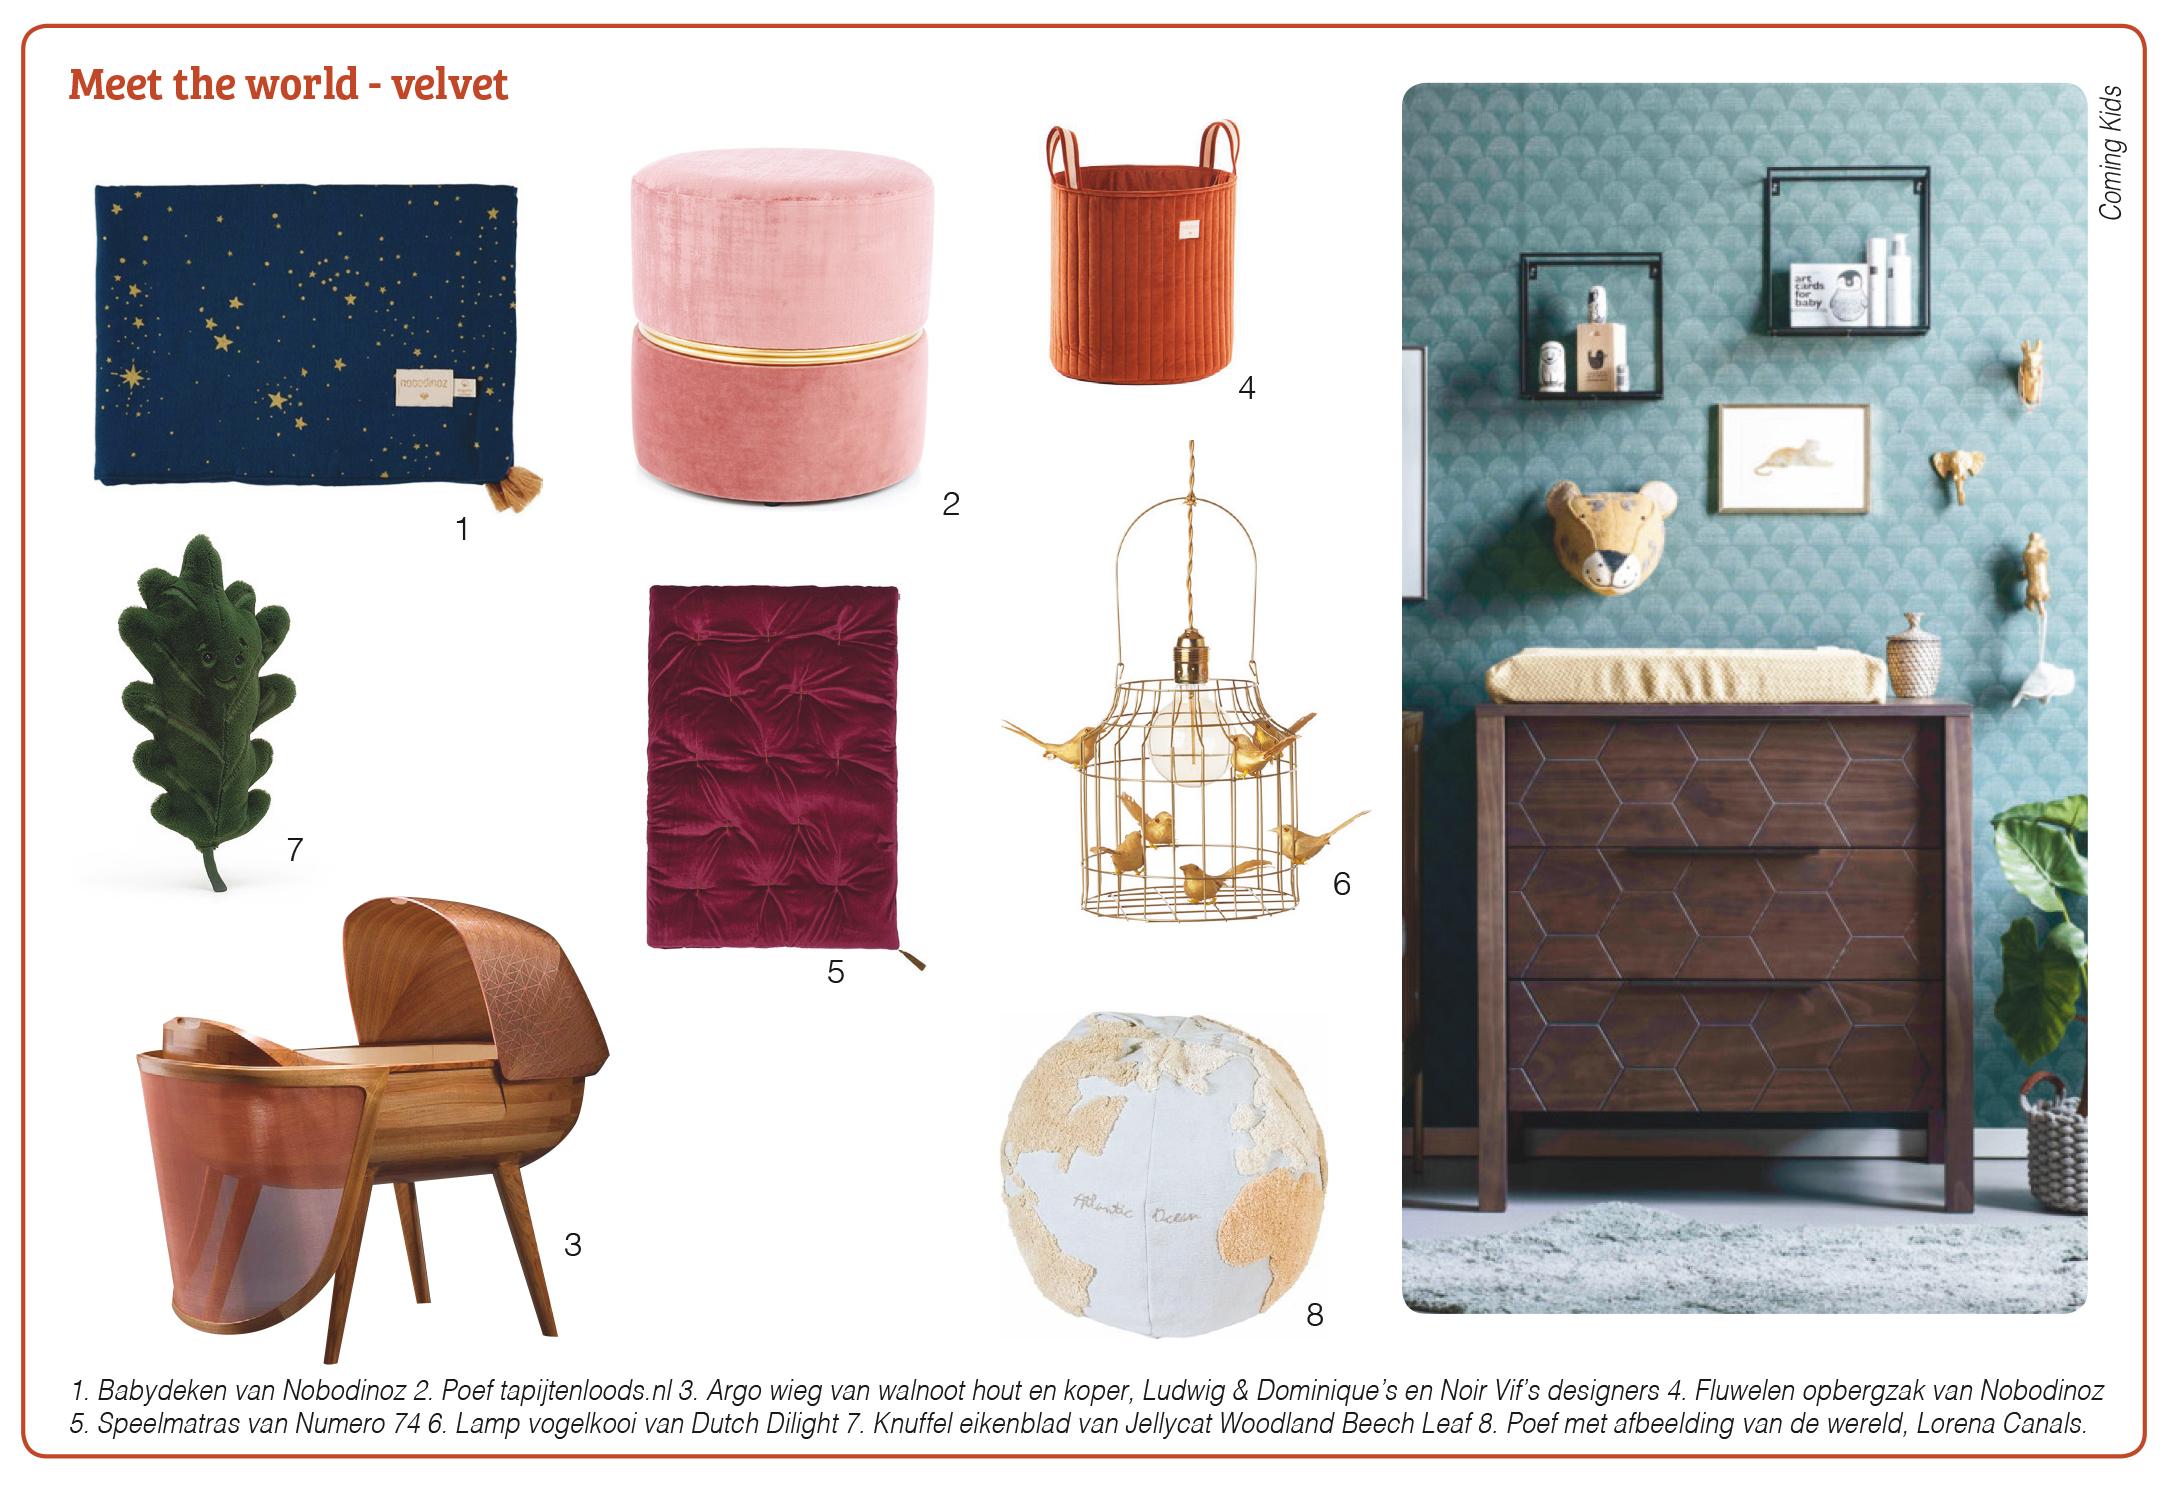 design trends babyroom 2021 velvet